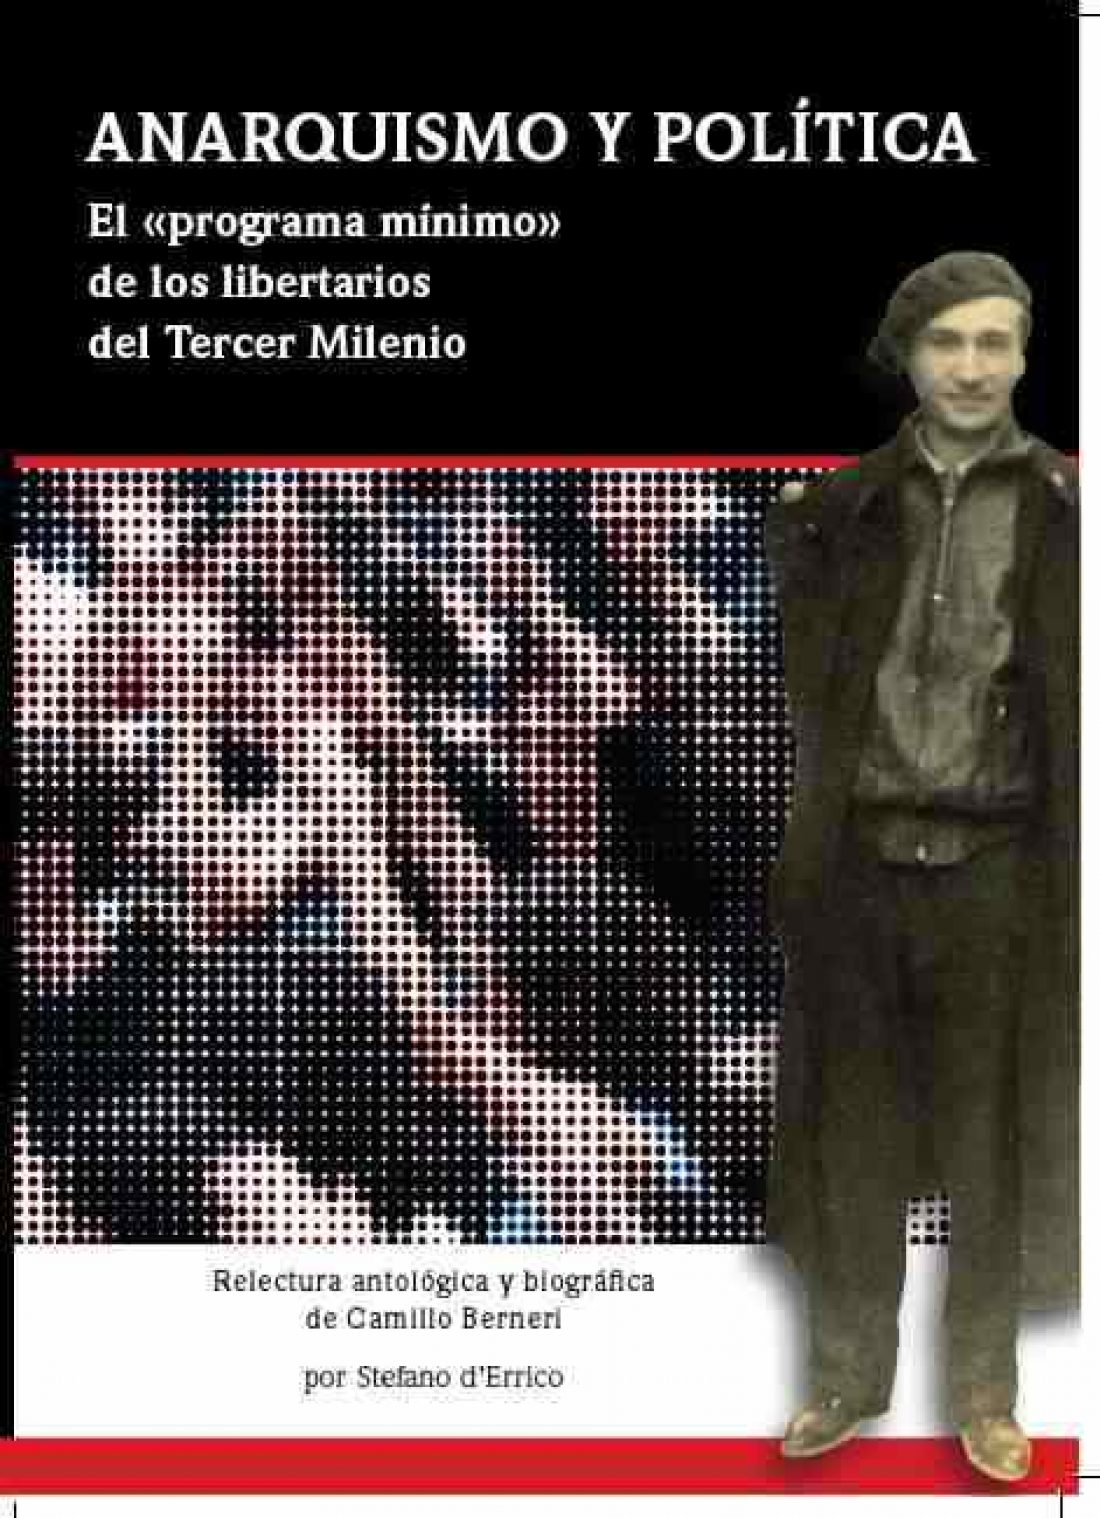 Presentación del libro Anarquismo y política: el programa mínimo de los libertarios del Tercer milenio. Relectura antológica y biográfica de Camillo Berneri, por Stefano d'Errico